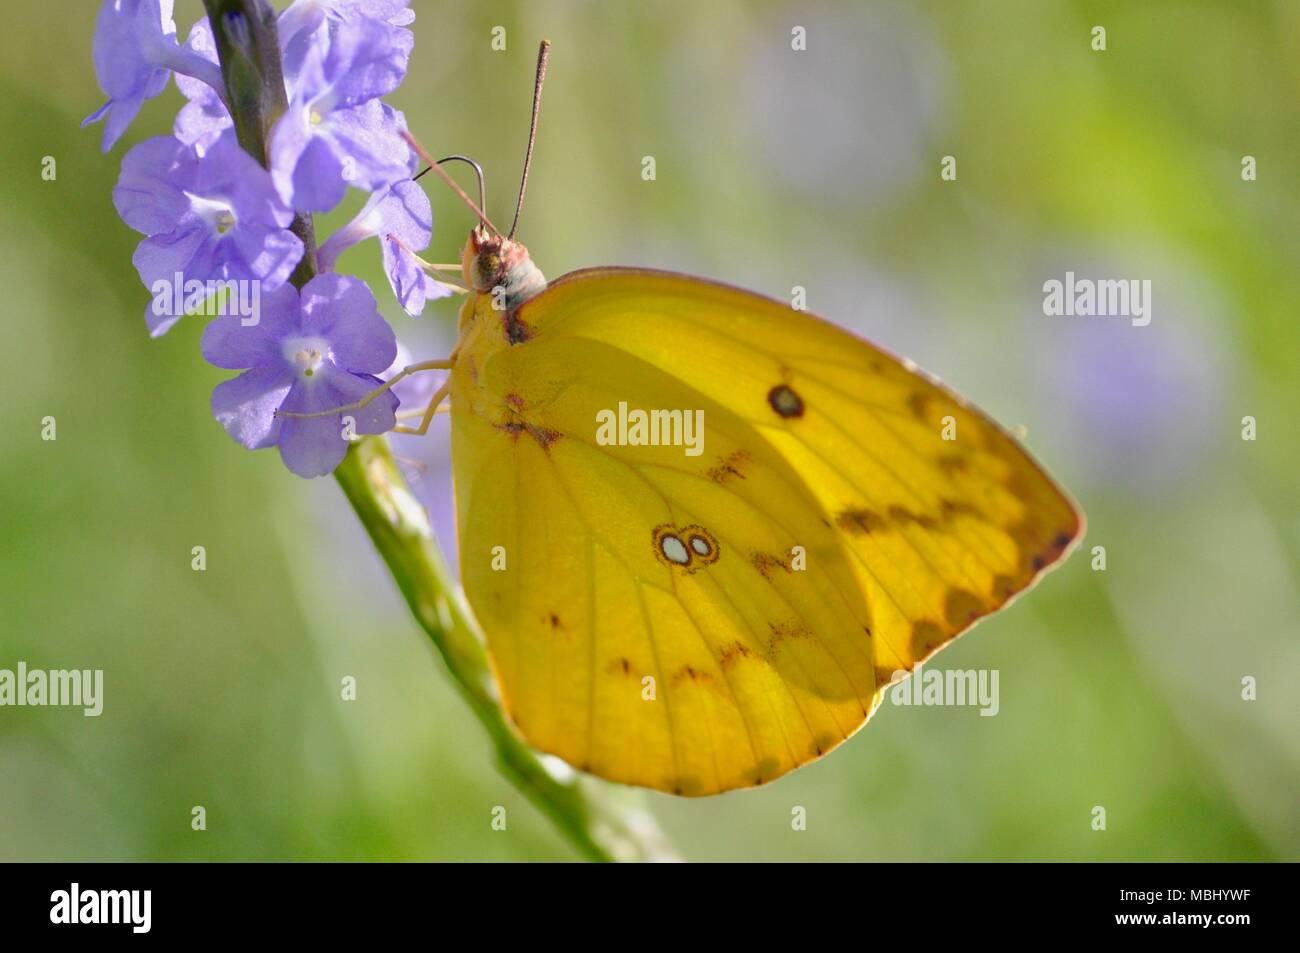 Catopsilia sp giallo a farfalla per succhiare il nettare dai fiori viola, città di Townsville Common Conservation Park, Pallarenda, QLD, Australia Immagini Stock